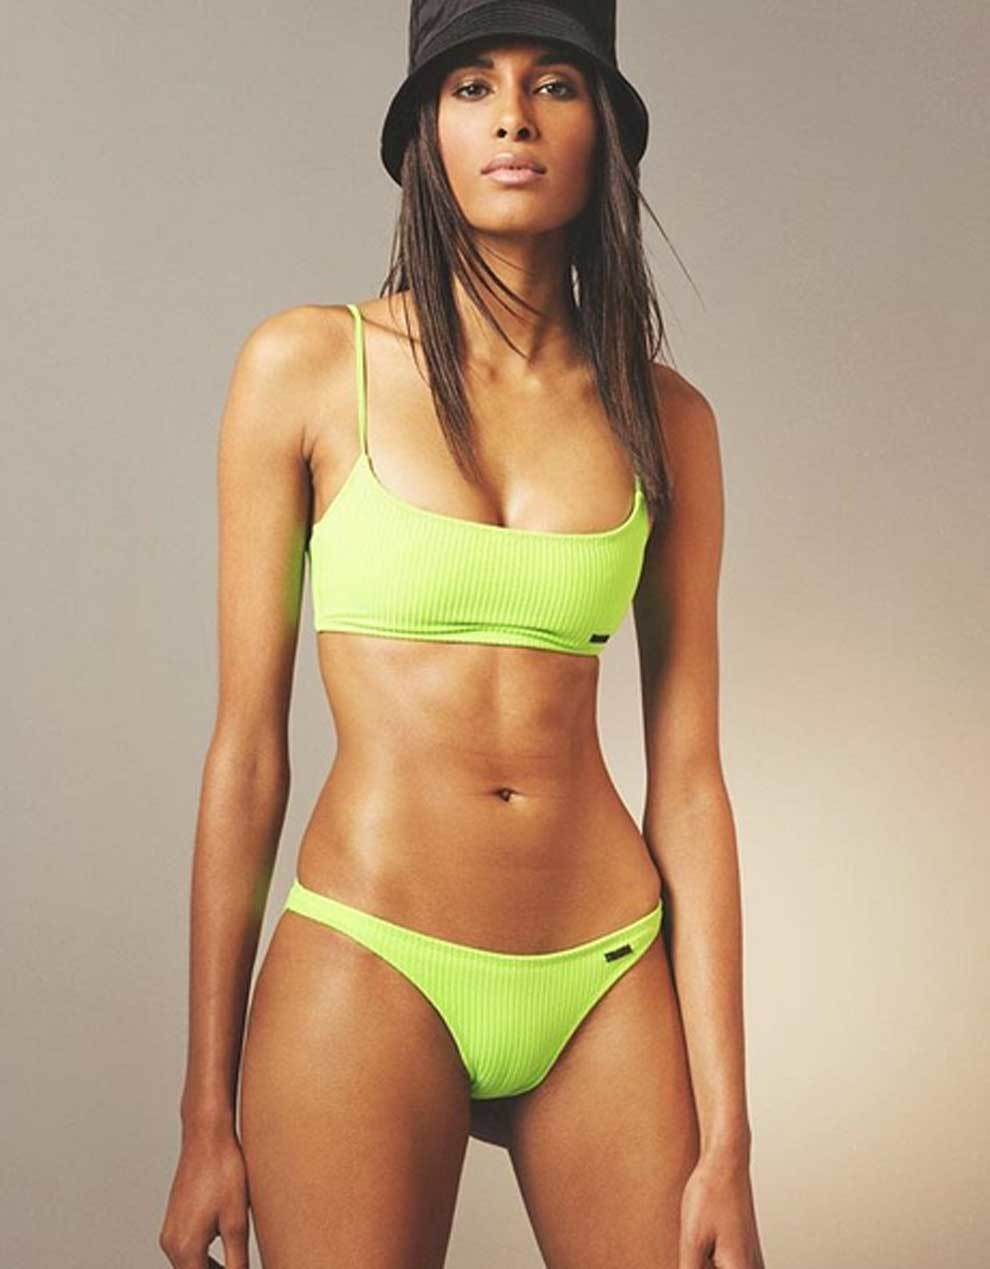 Bikini Cindy Bruna ) nudes (57 pics), Is a cute